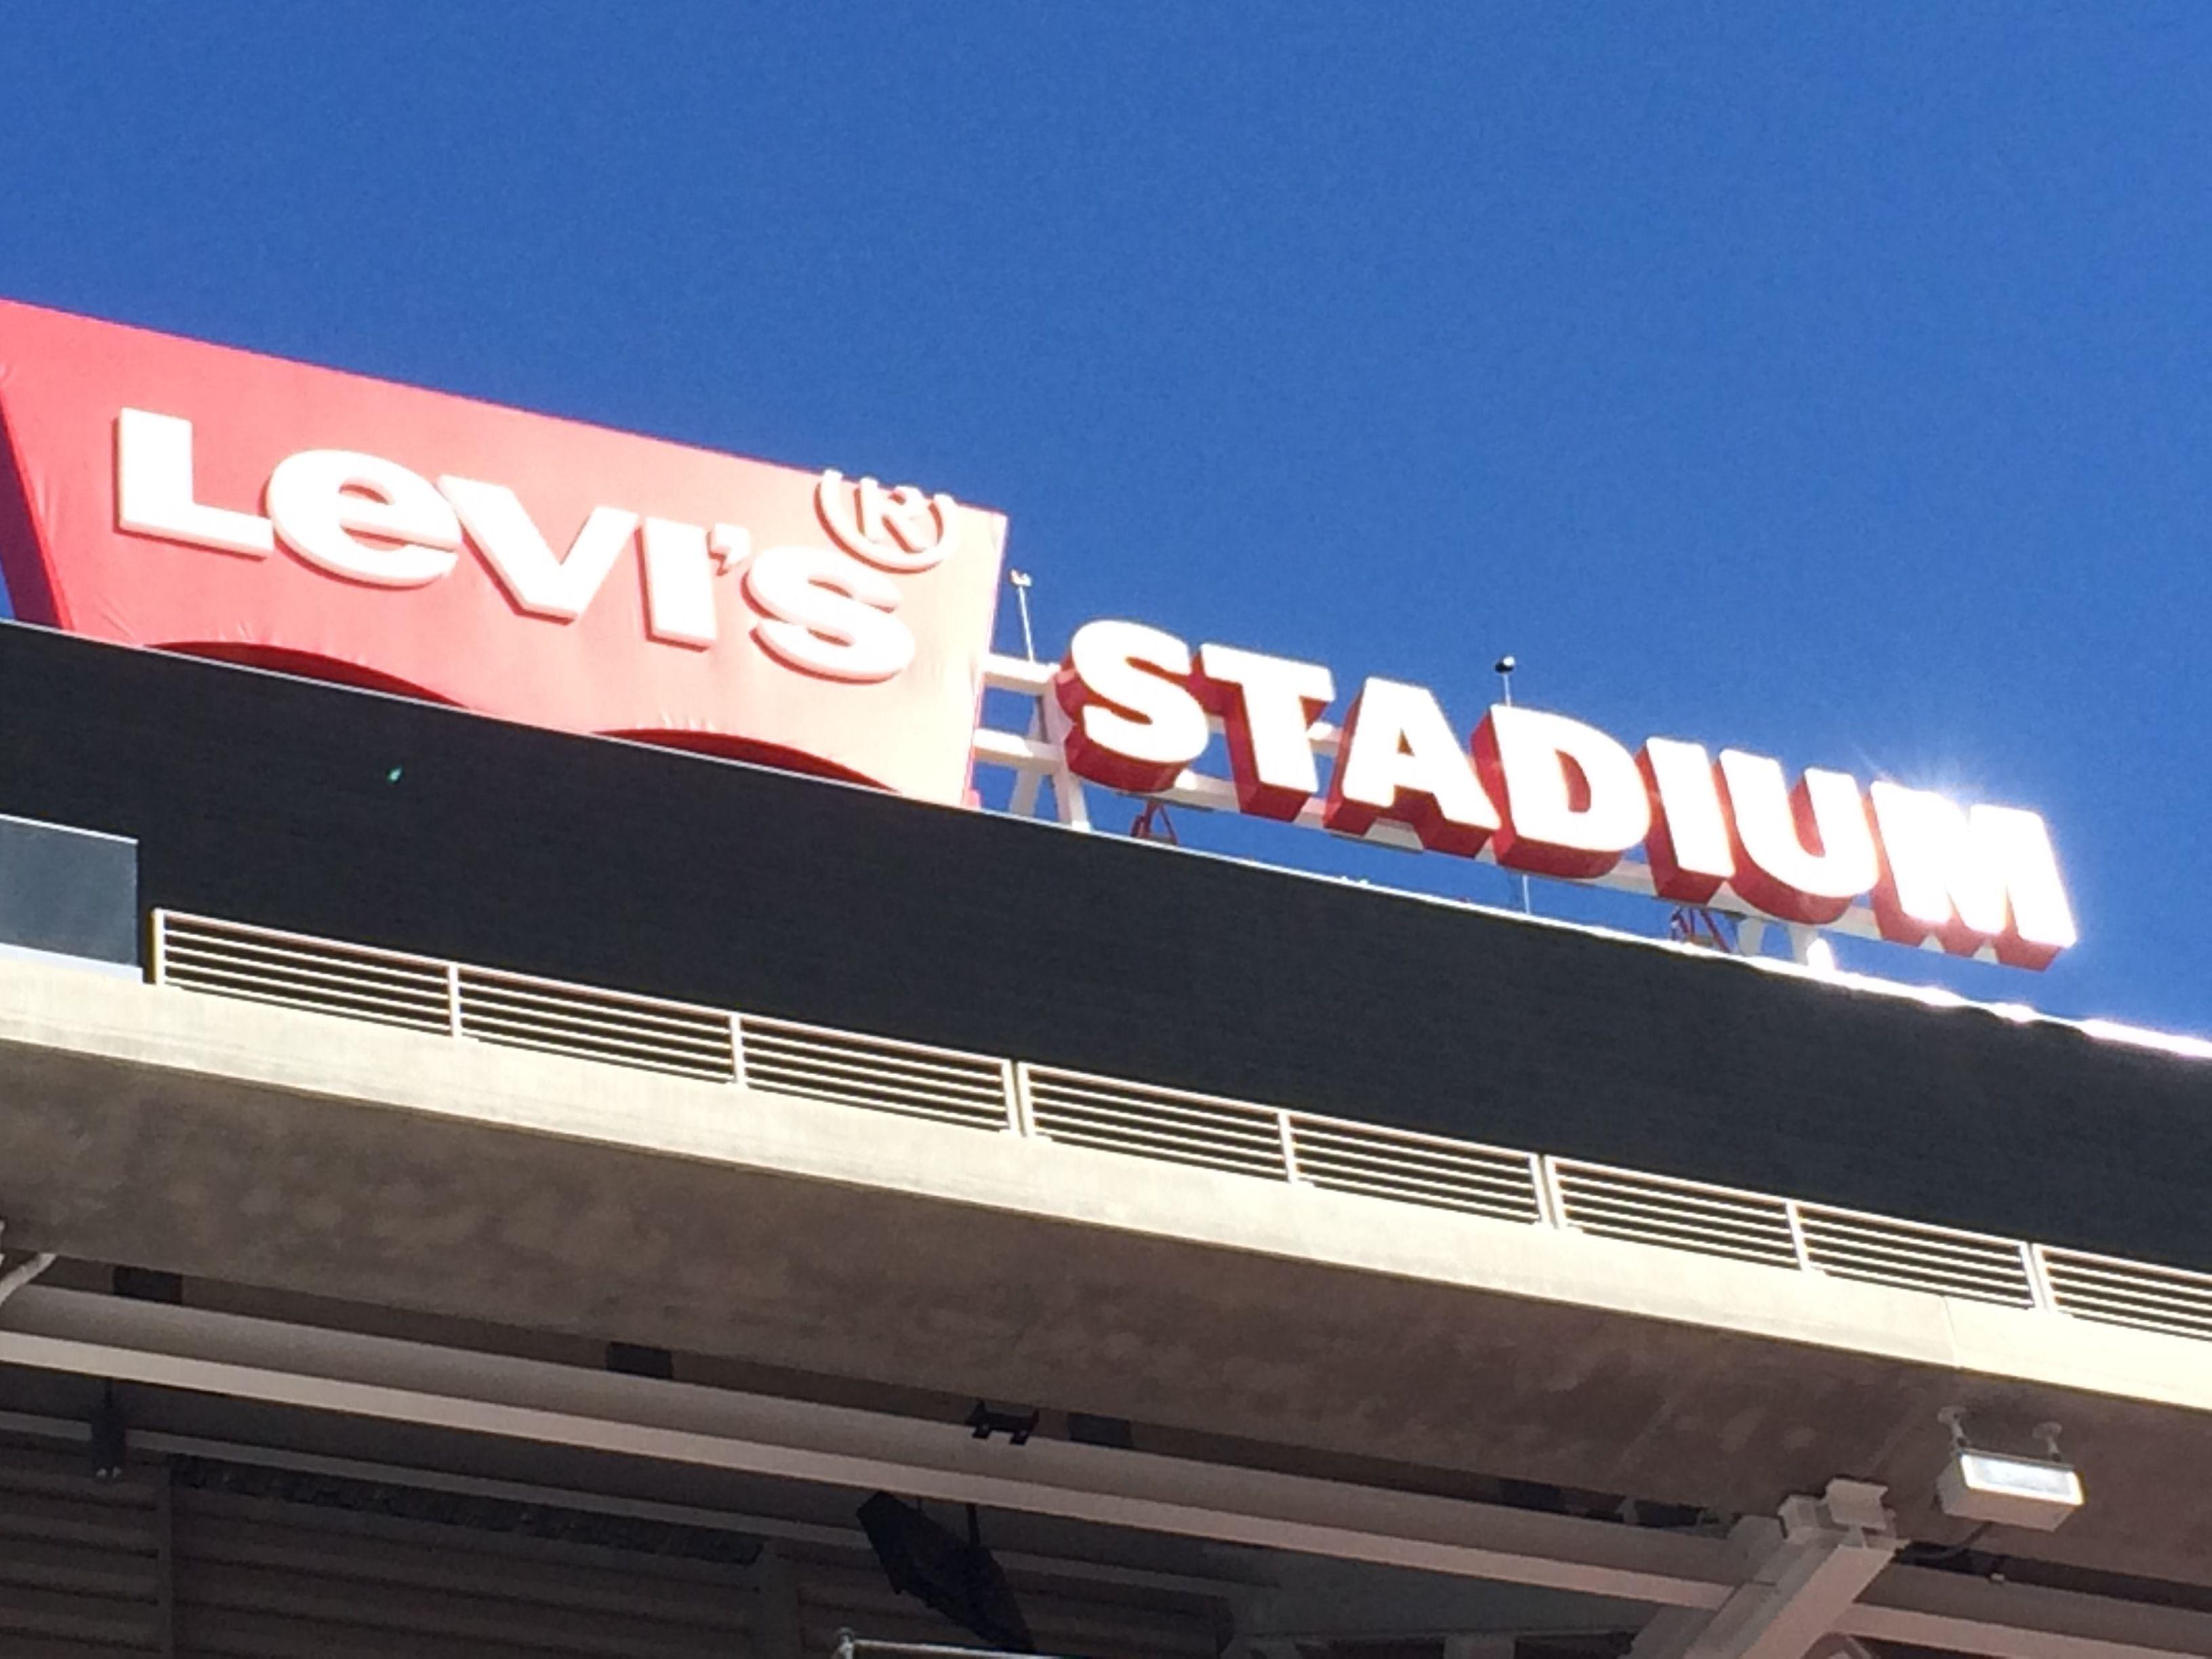 Levis stadium levi stadium neon signs stadium